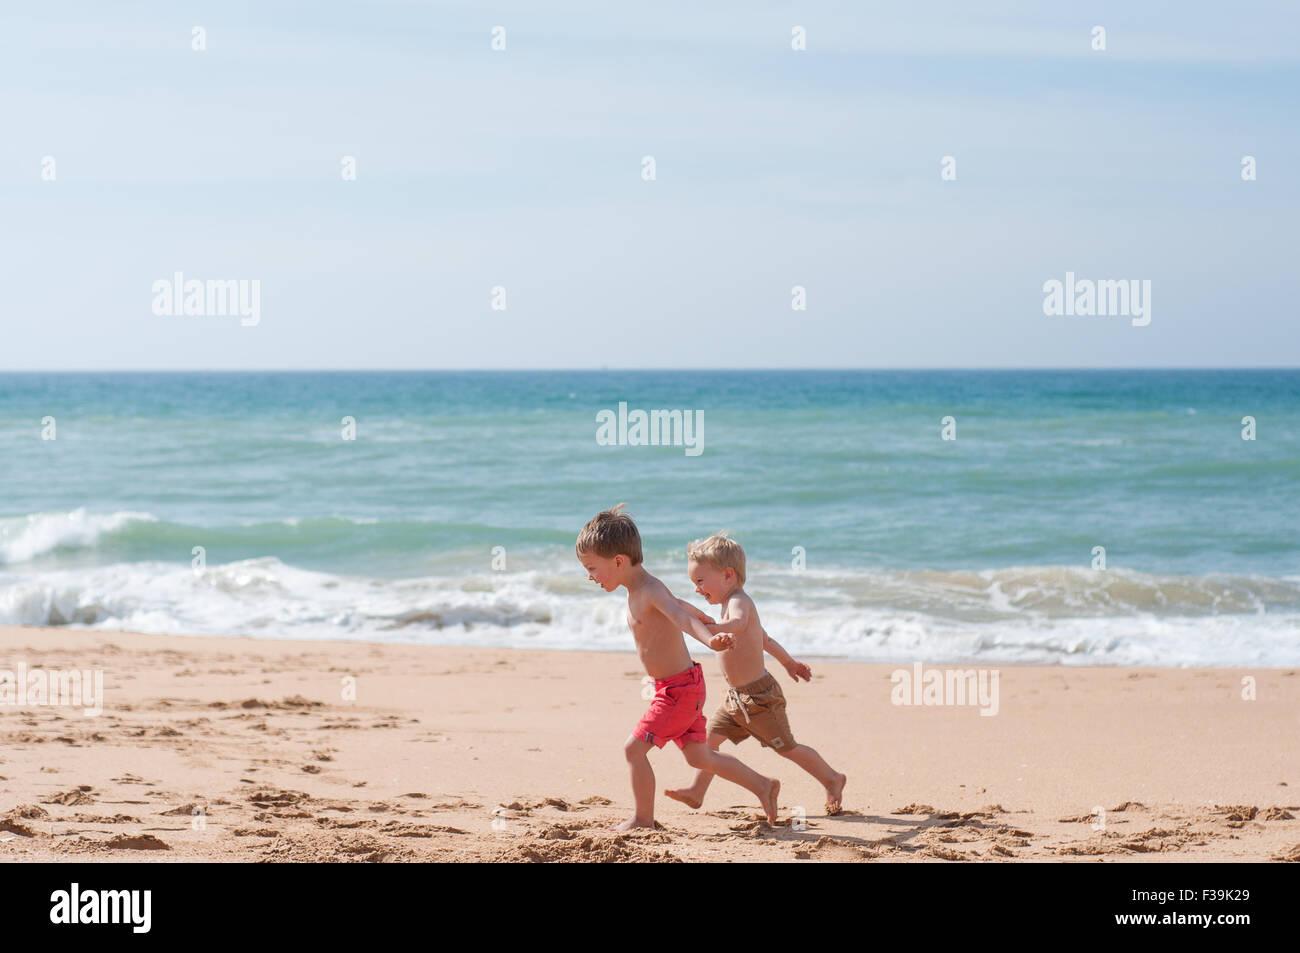 Dos niños corren a lo largo de la playa Imagen De Stock